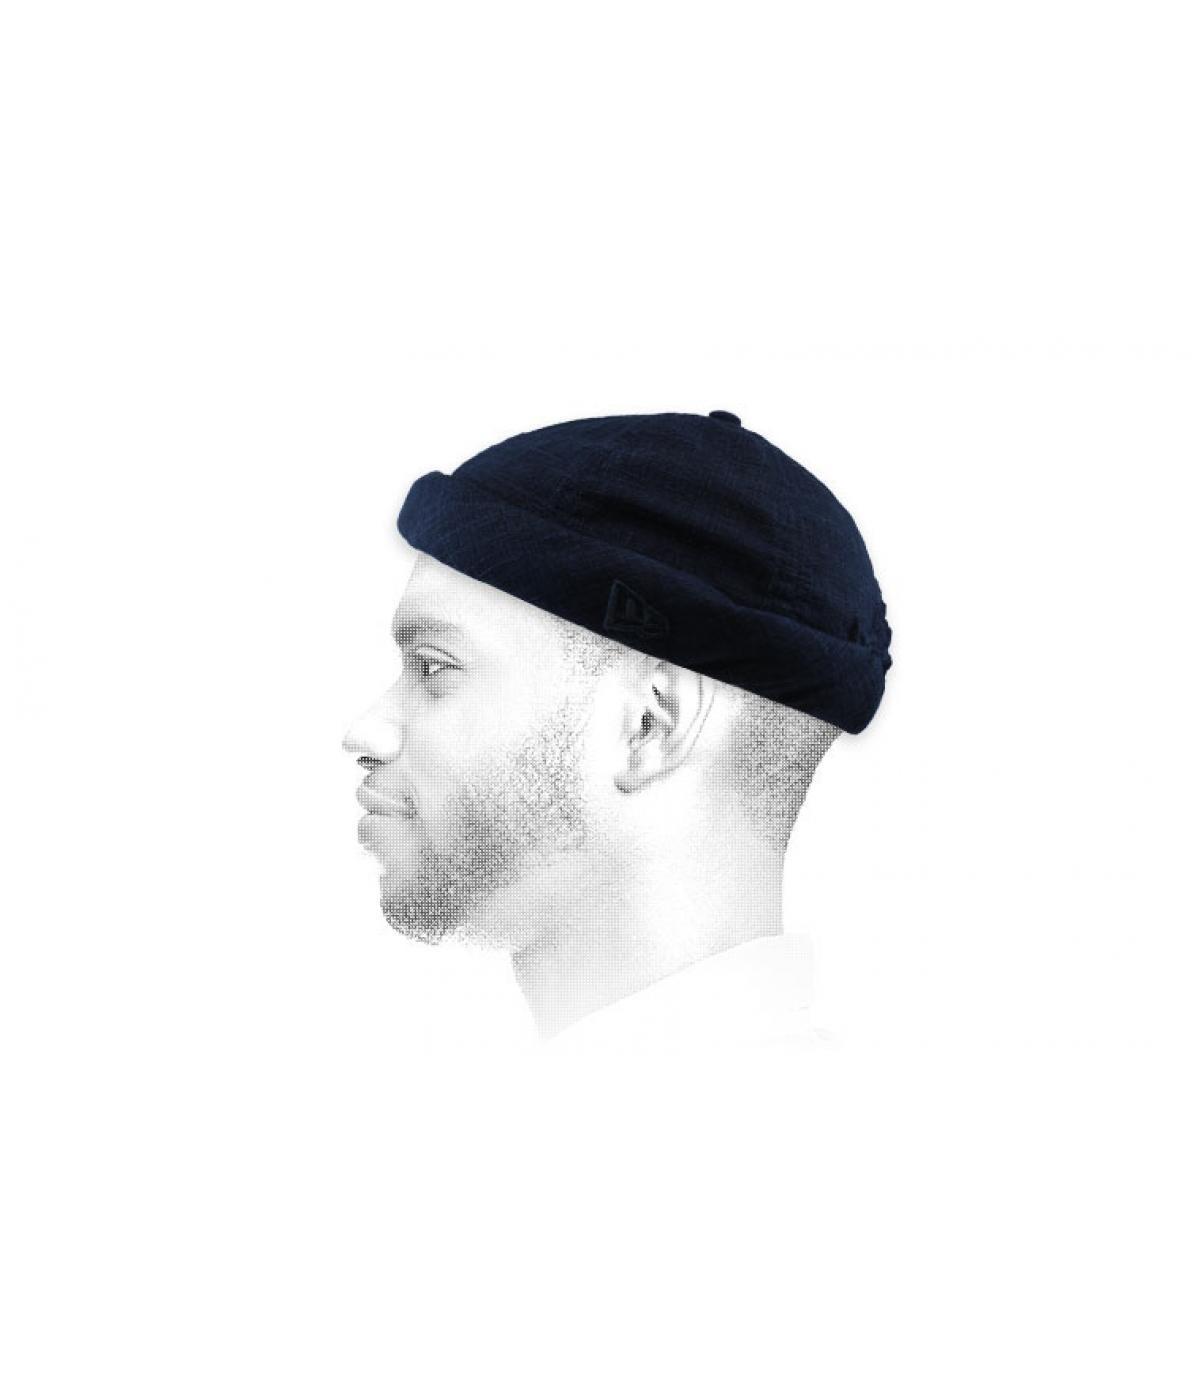 bonnet docker bleu marine